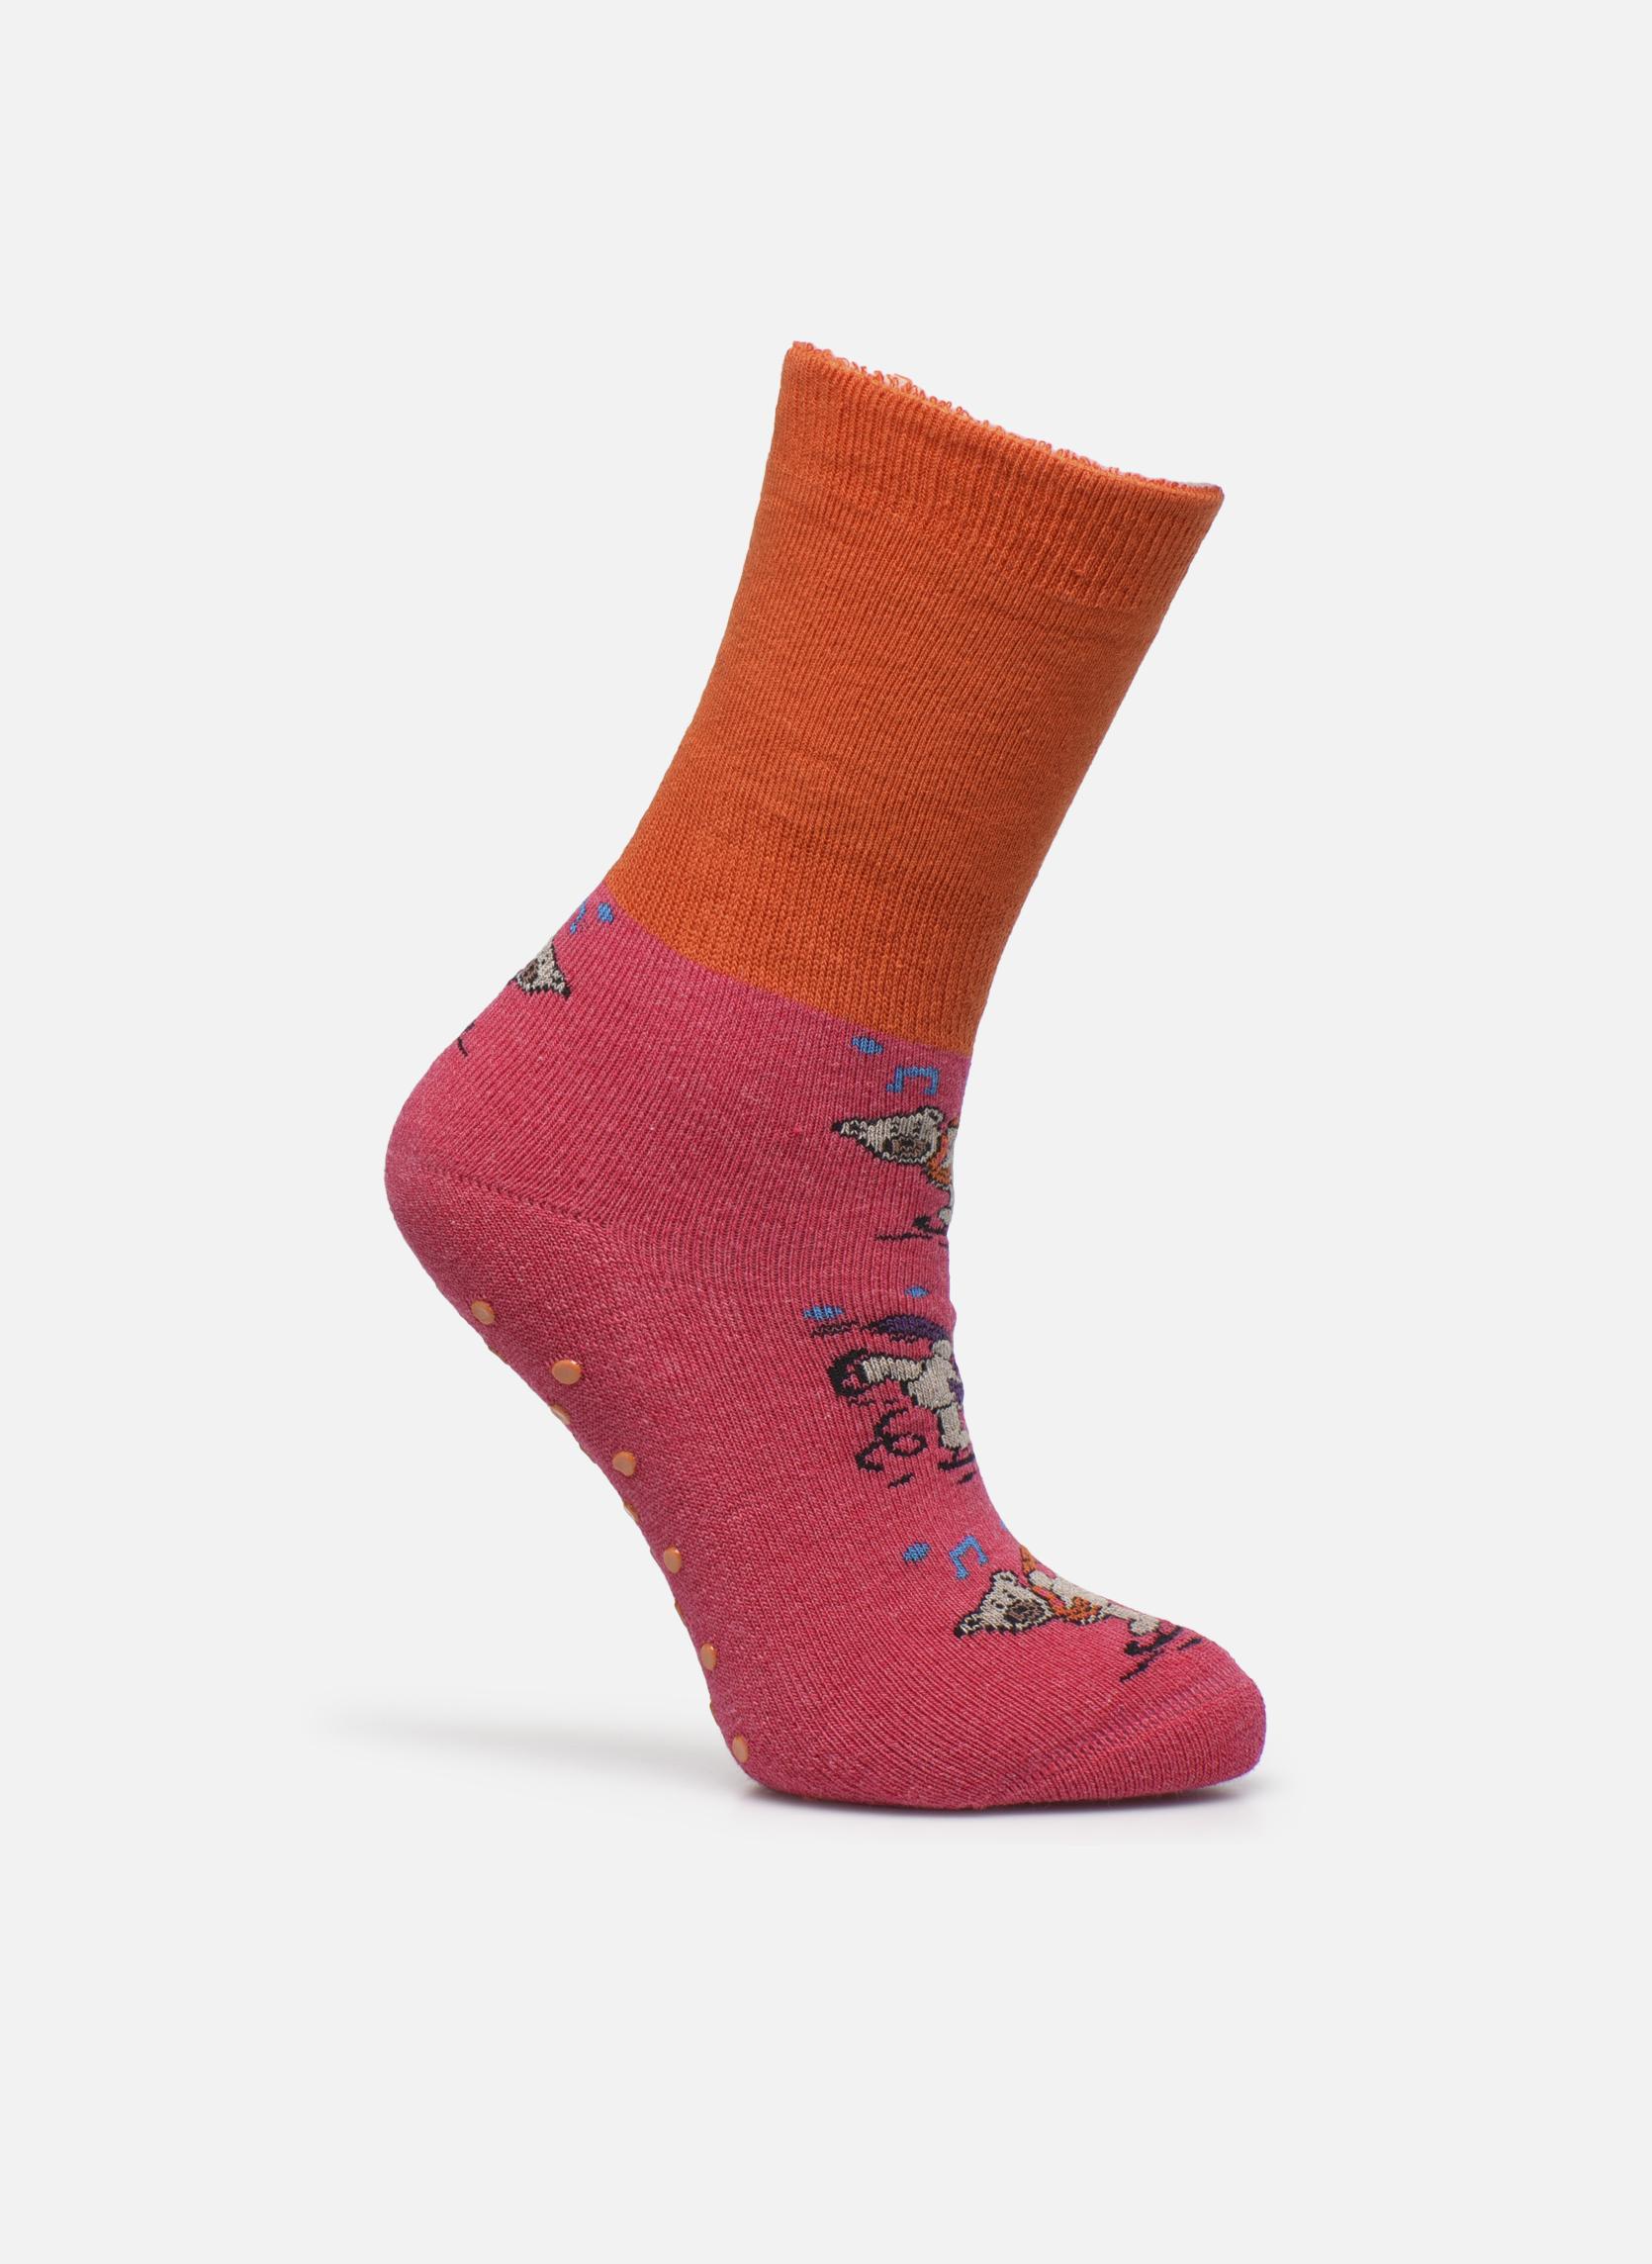 Chaussons-chaussettes Enfant Coton Anti-dérapants Ours 10506 ROSE